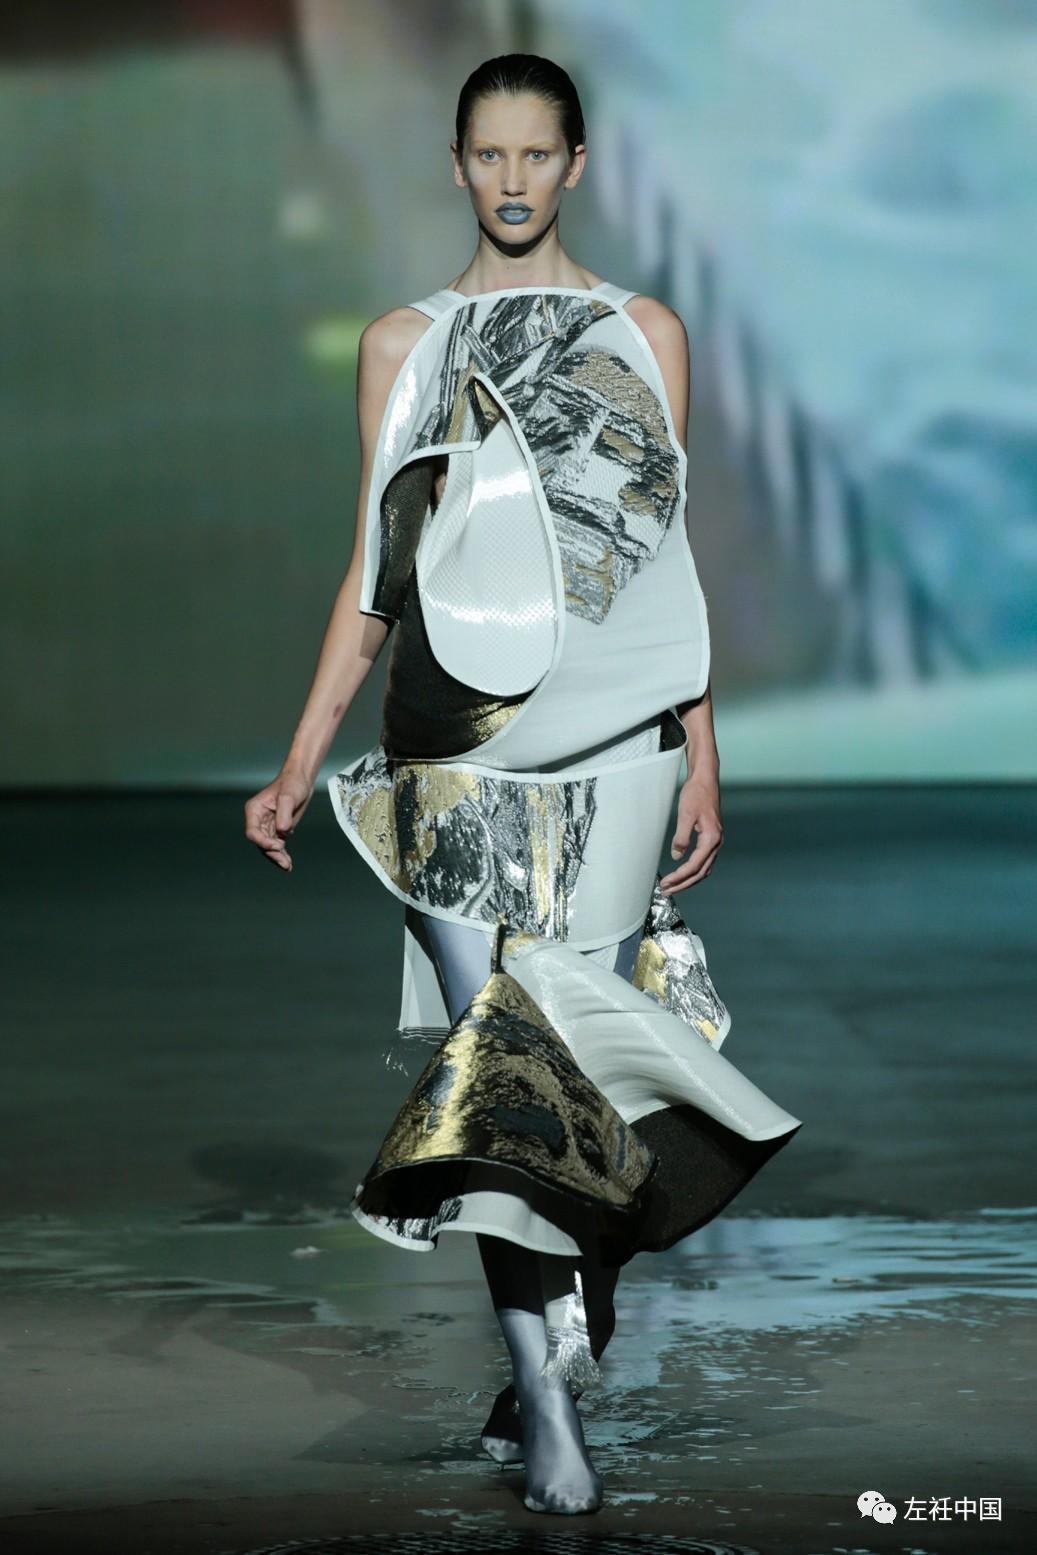 遇水即溶的未来时装震撼全场 ART 第69张